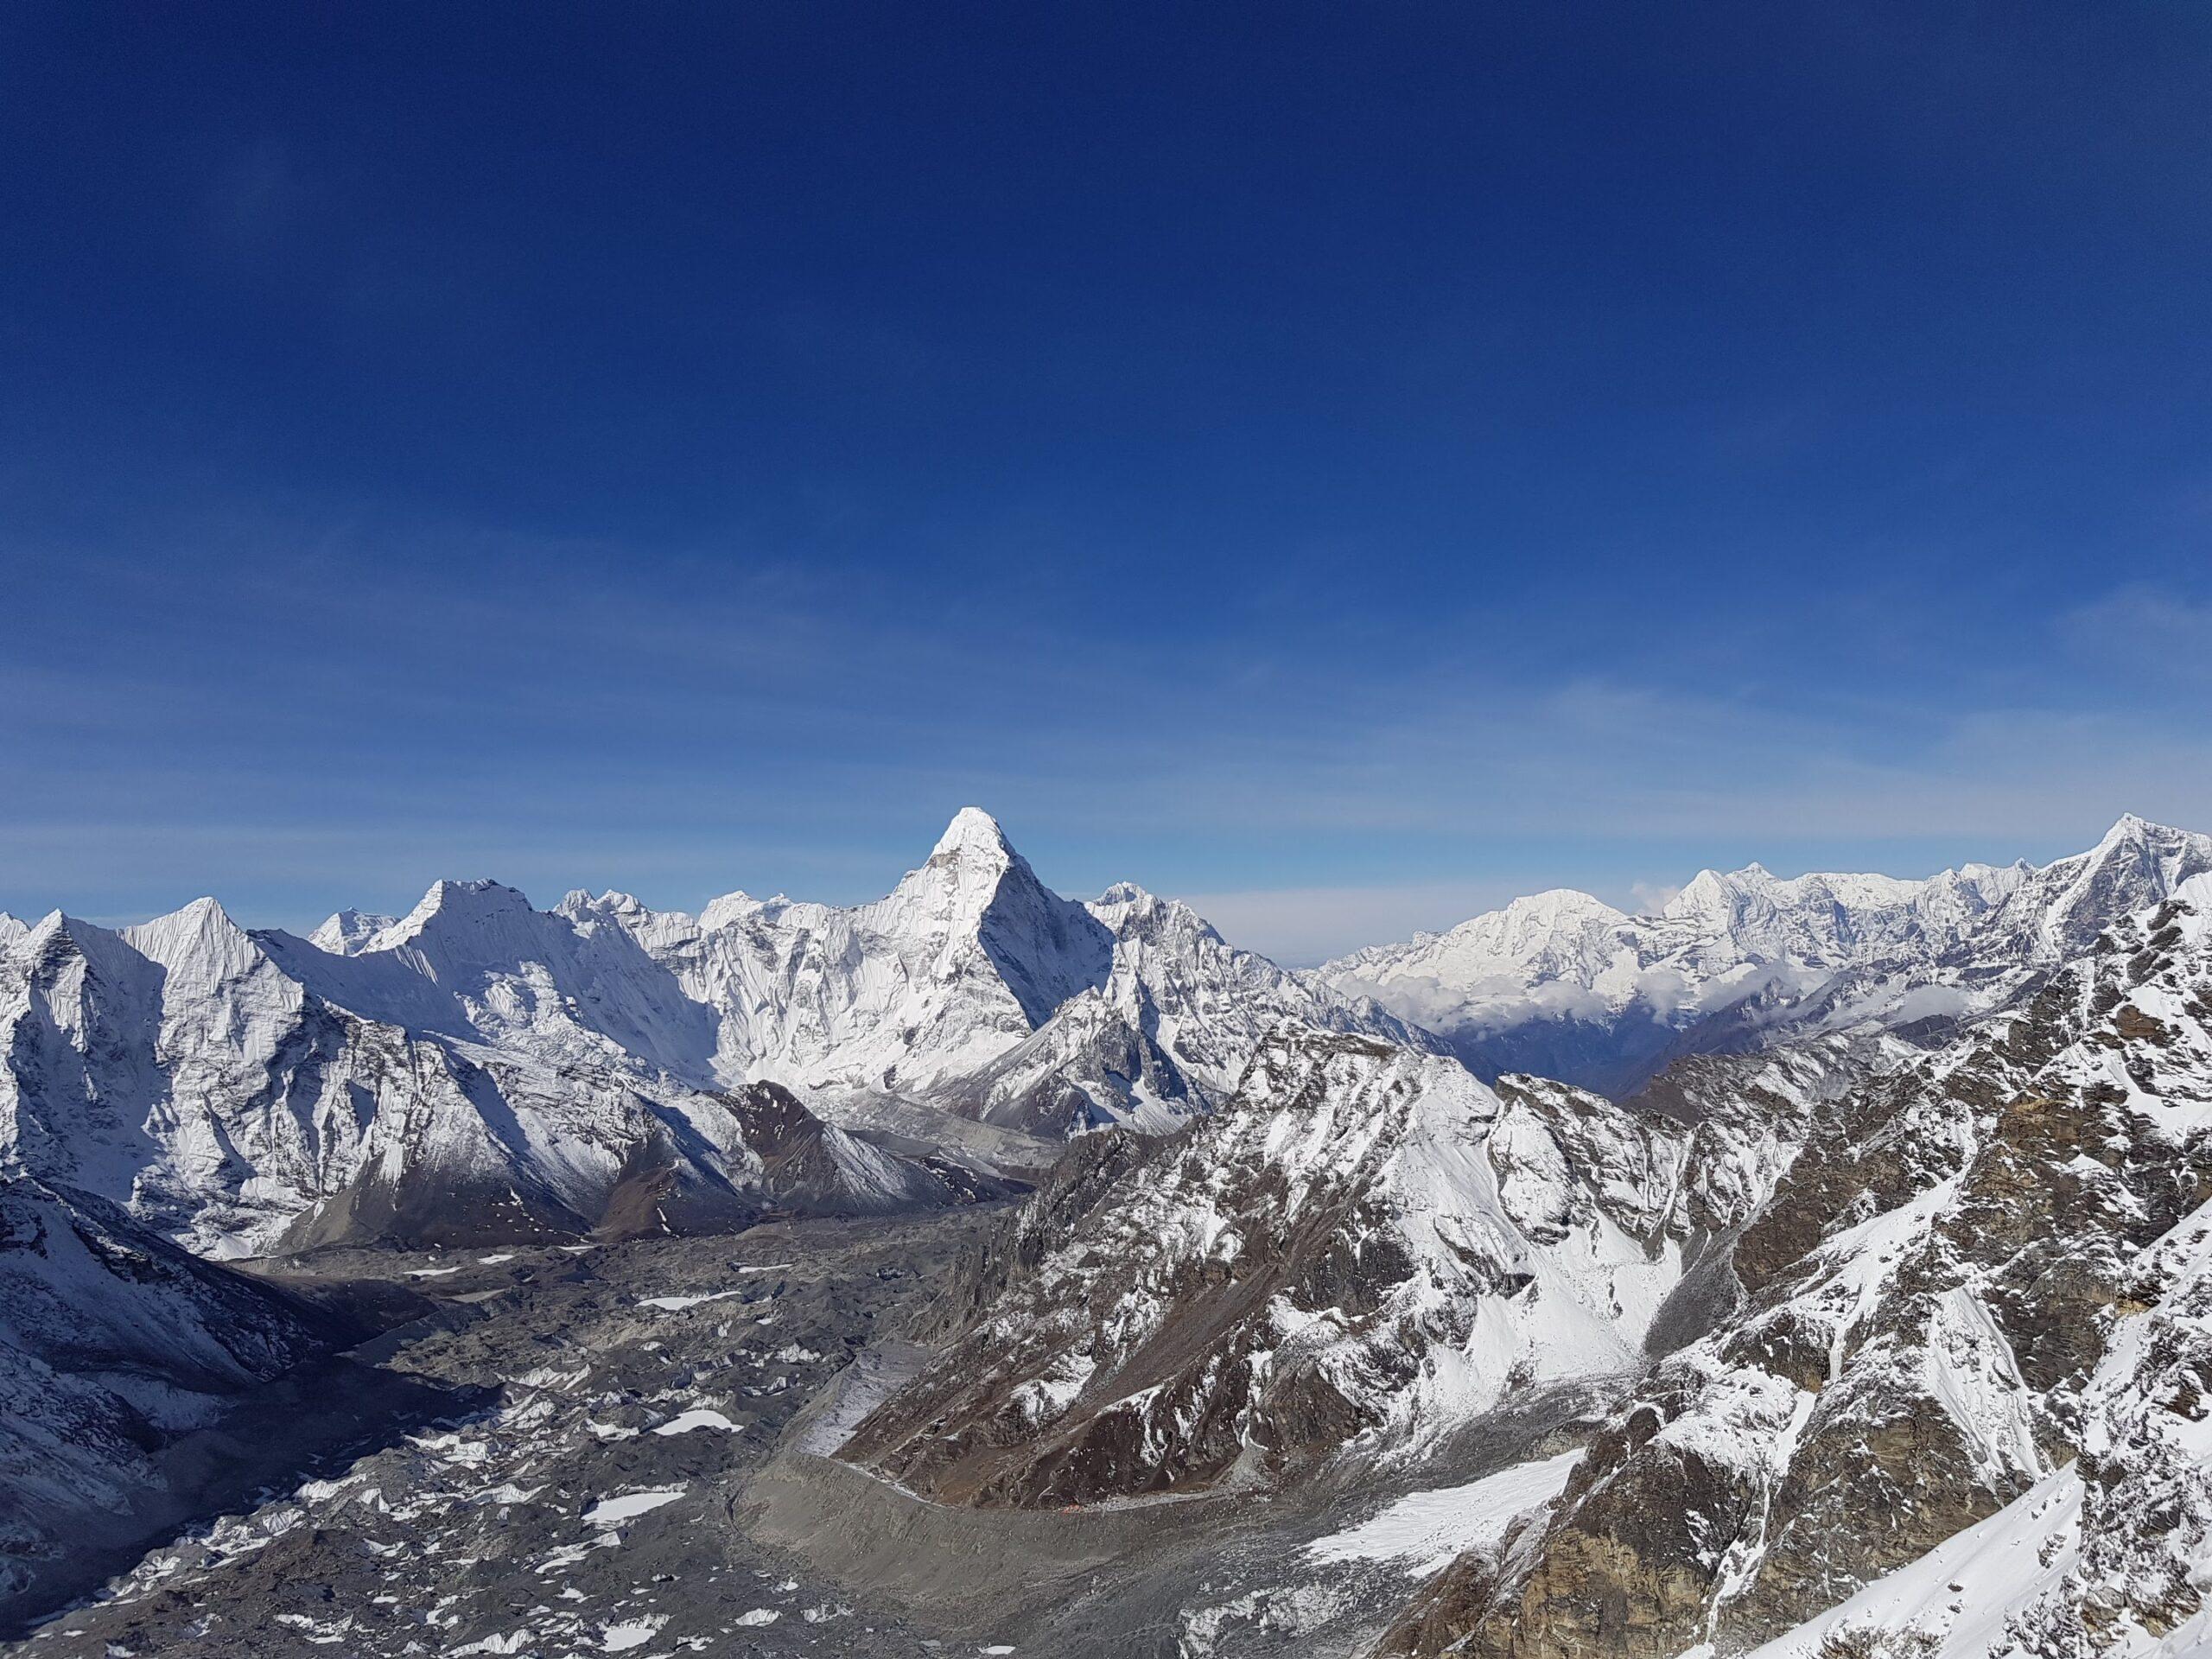 Lhotse South Face 7800m